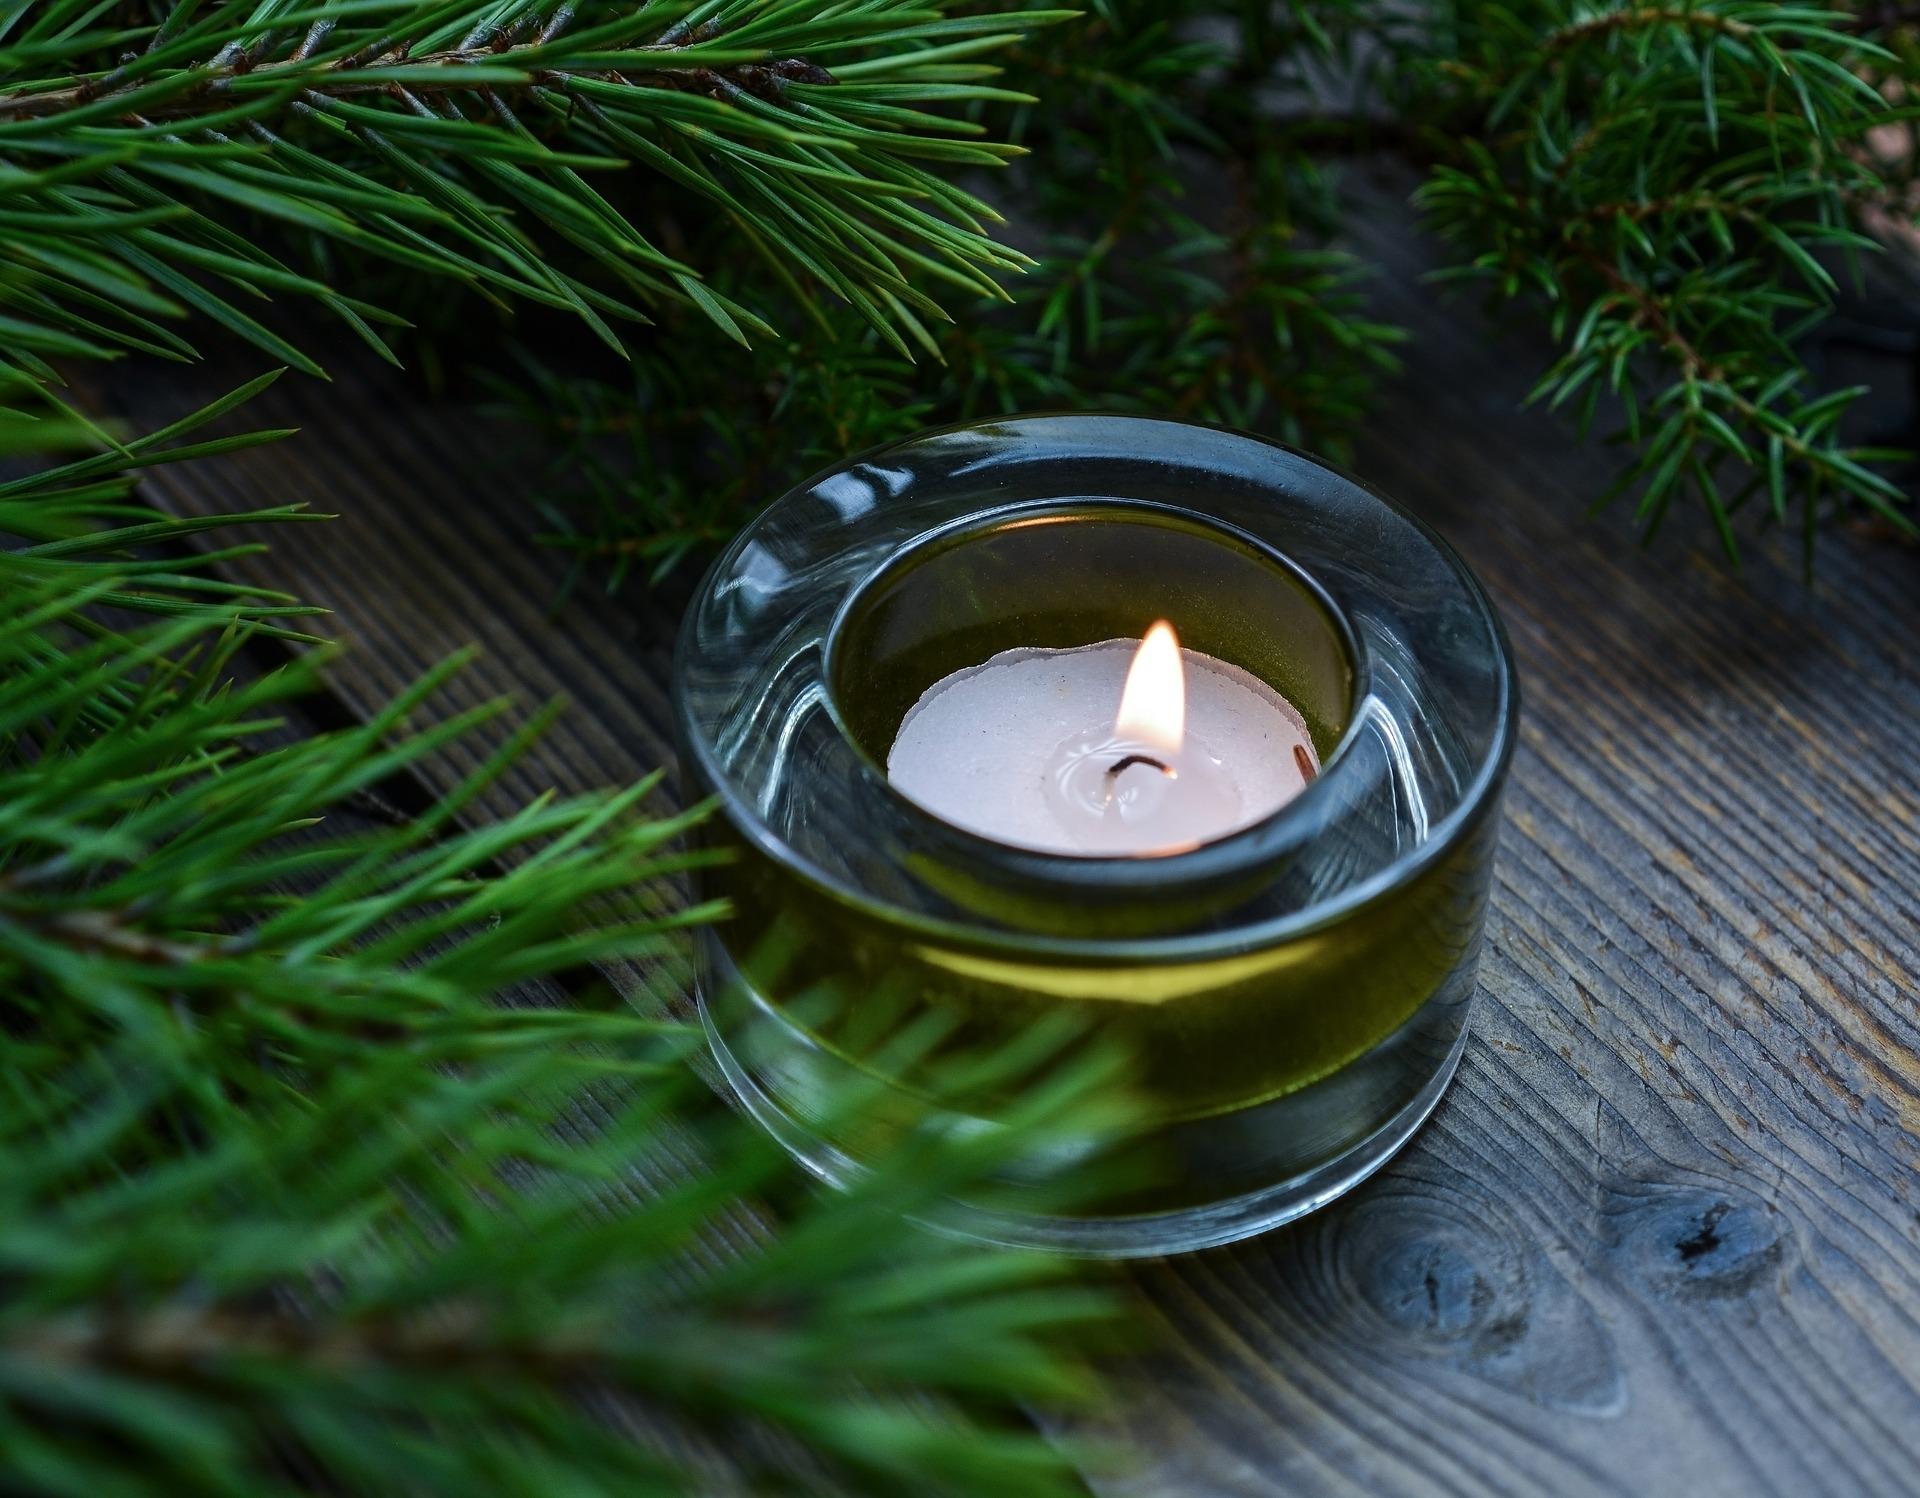 svíčka na stole